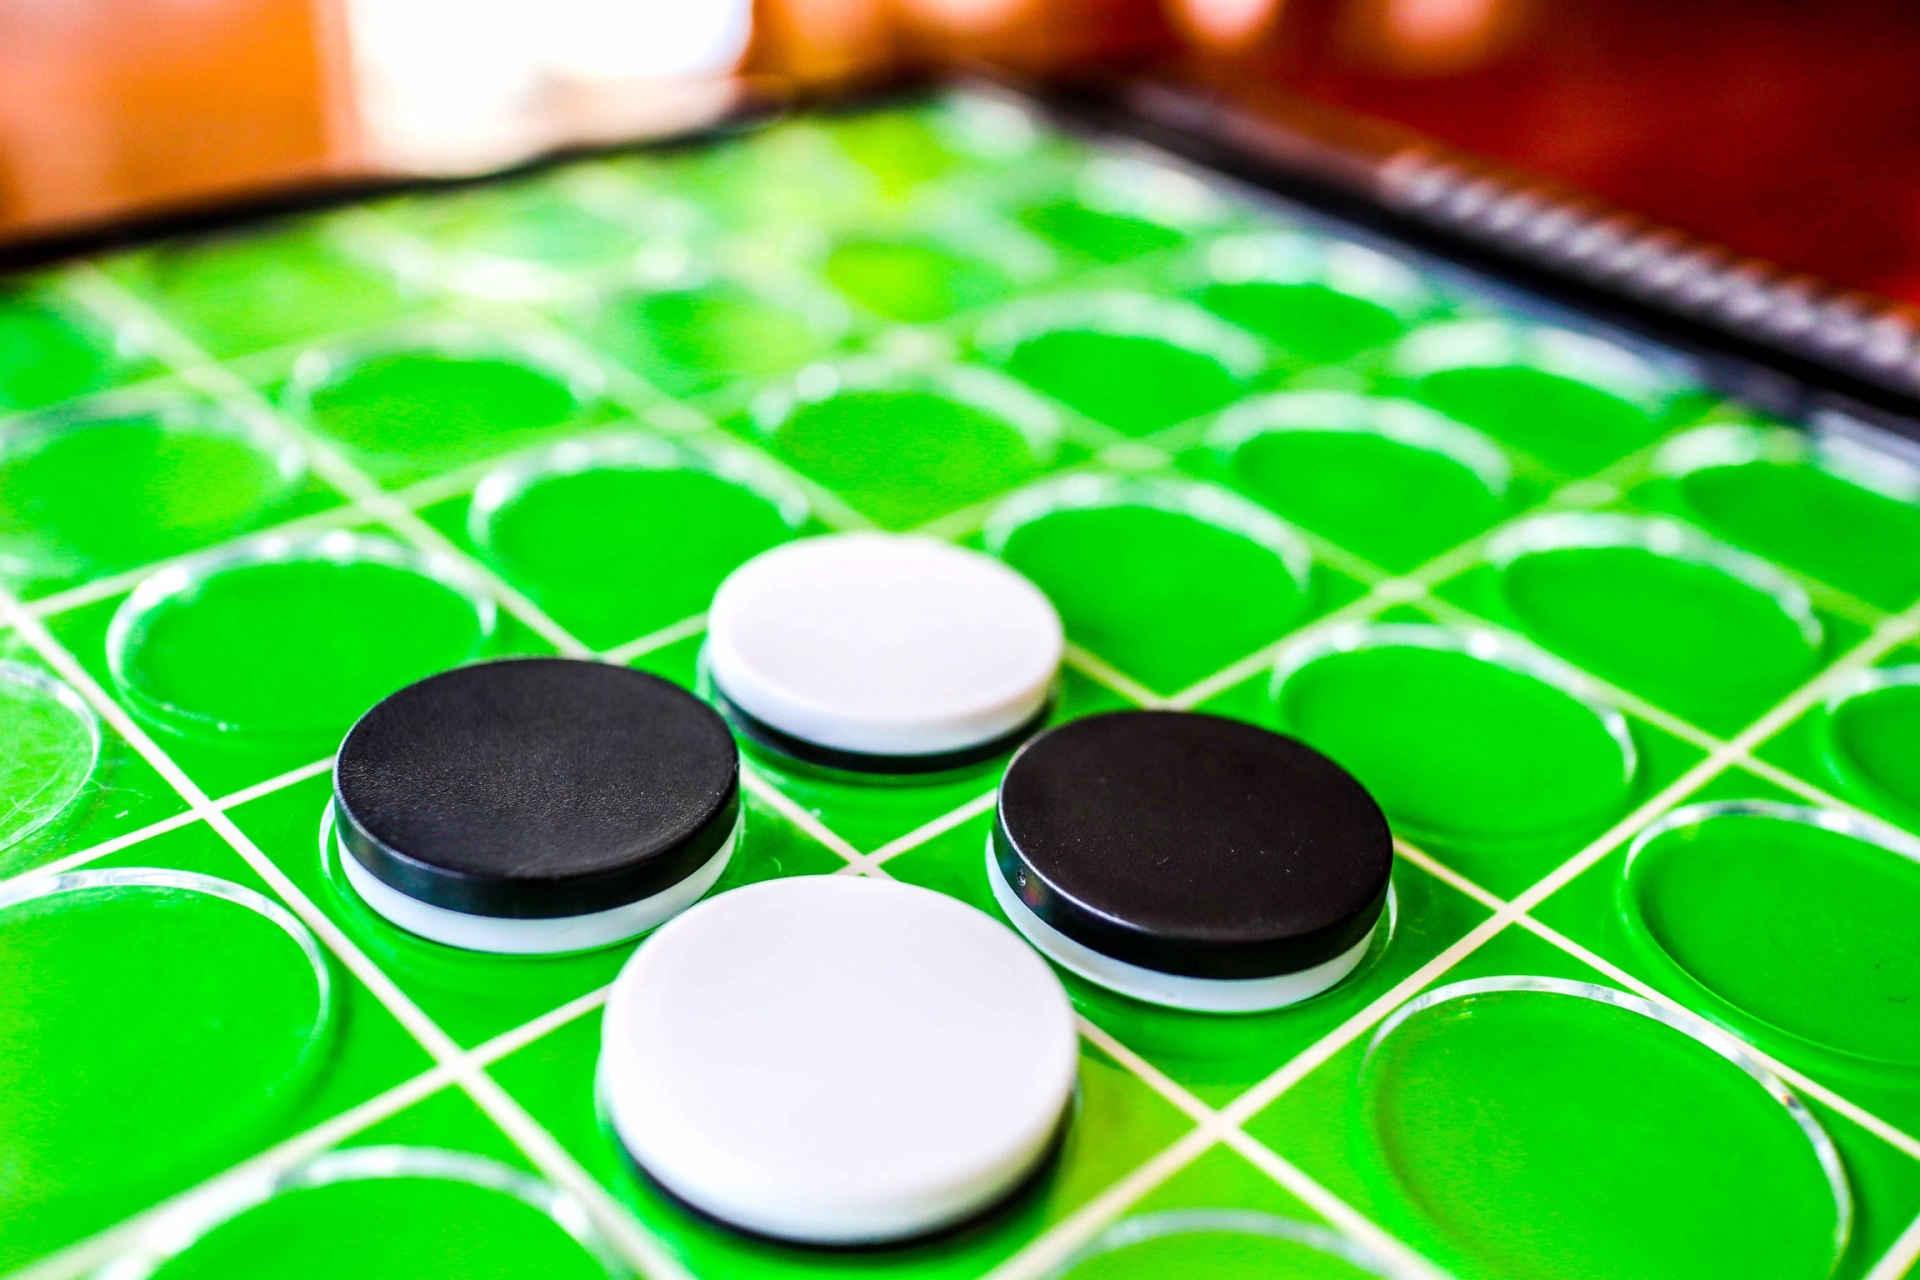 ボードゲームコンで良く遊ばれるオセロ